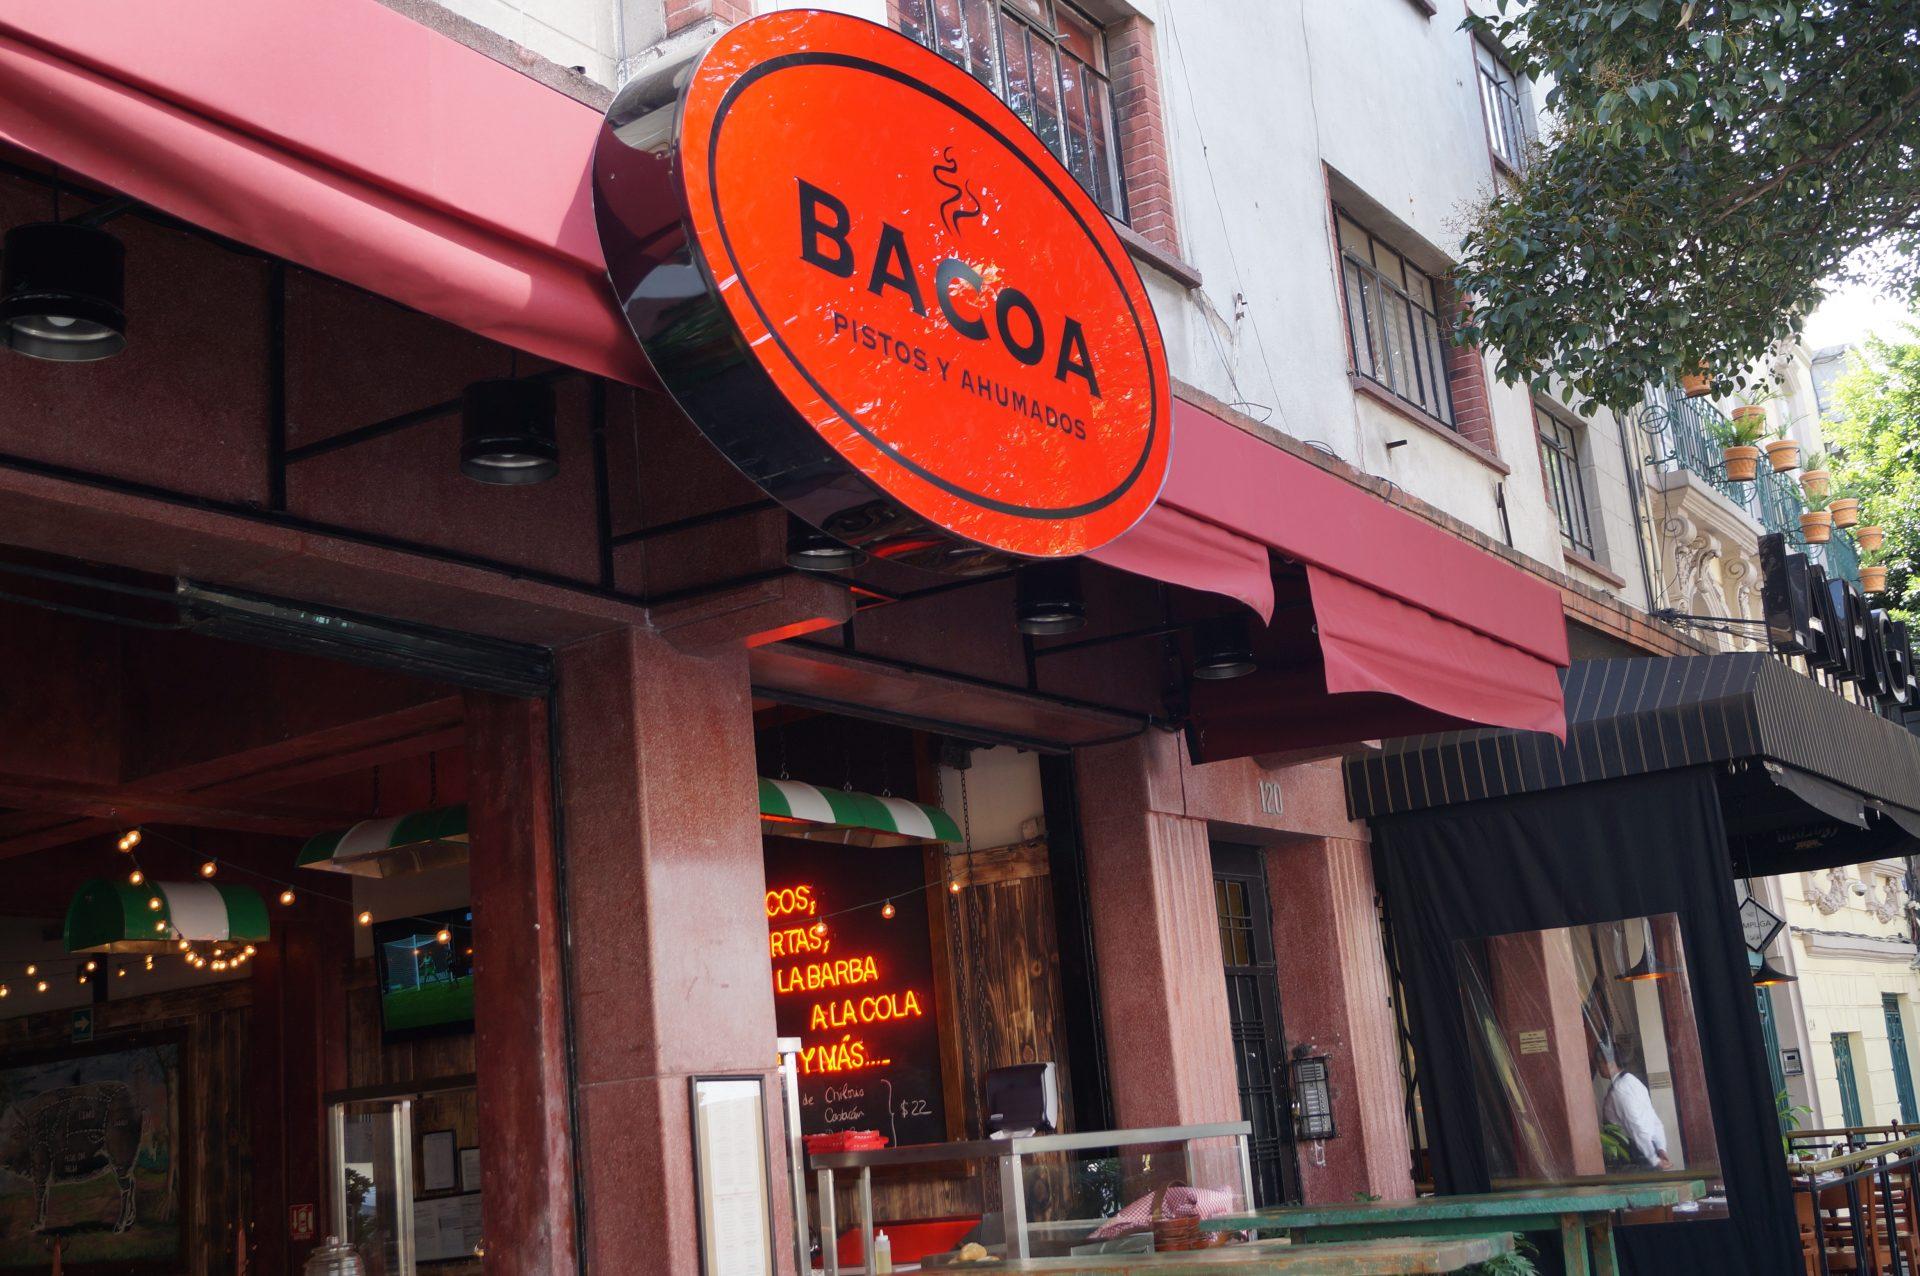 Bacoa: cocina humeante